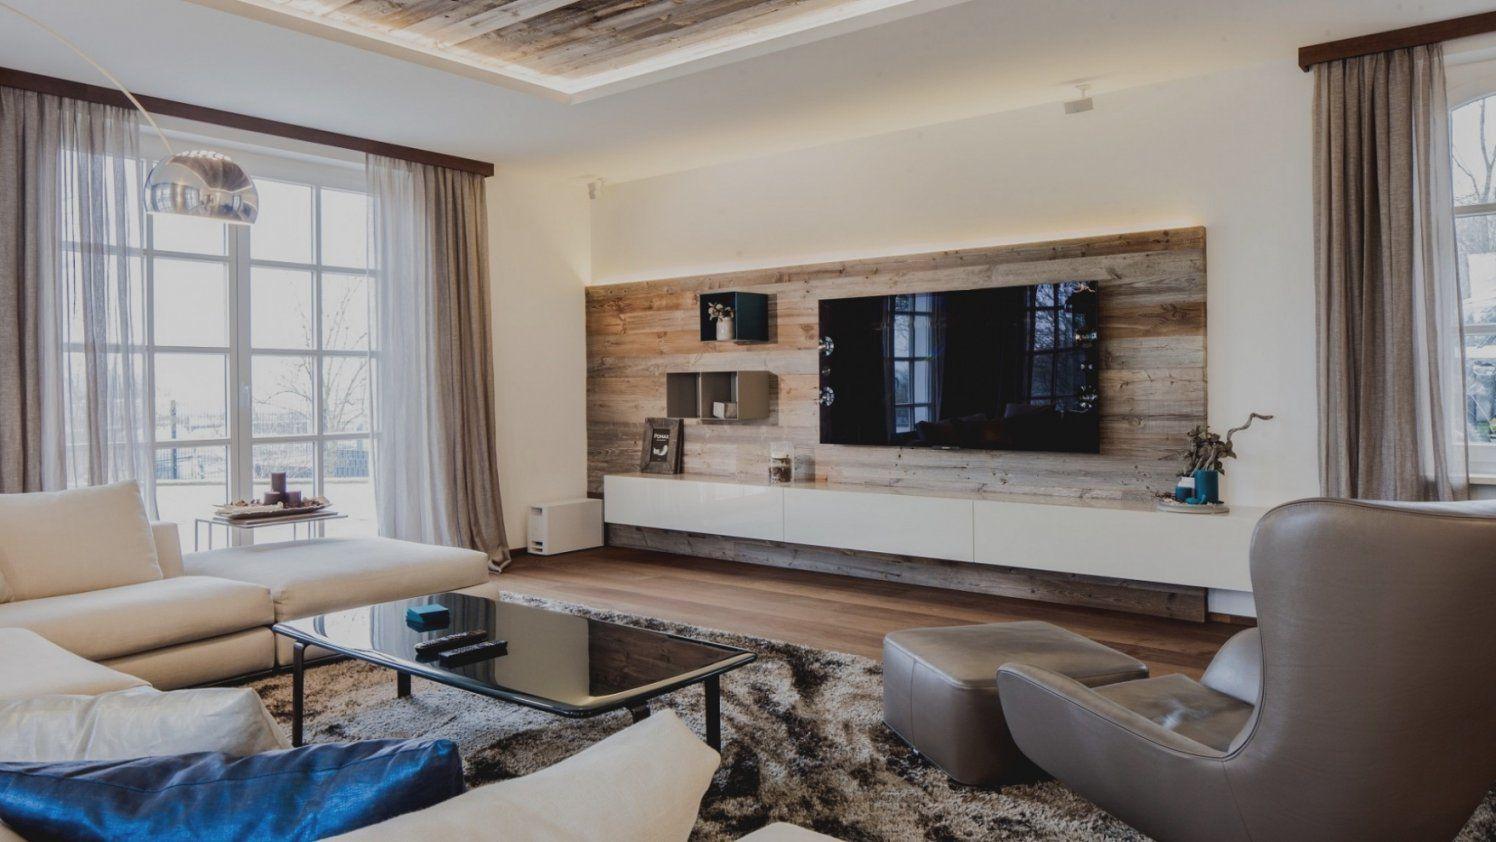 beste wohnzimmer renovieren ideen liebenswert renovierung von wohnzimmer renovieren ideen bilder. Black Bedroom Furniture Sets. Home Design Ideas